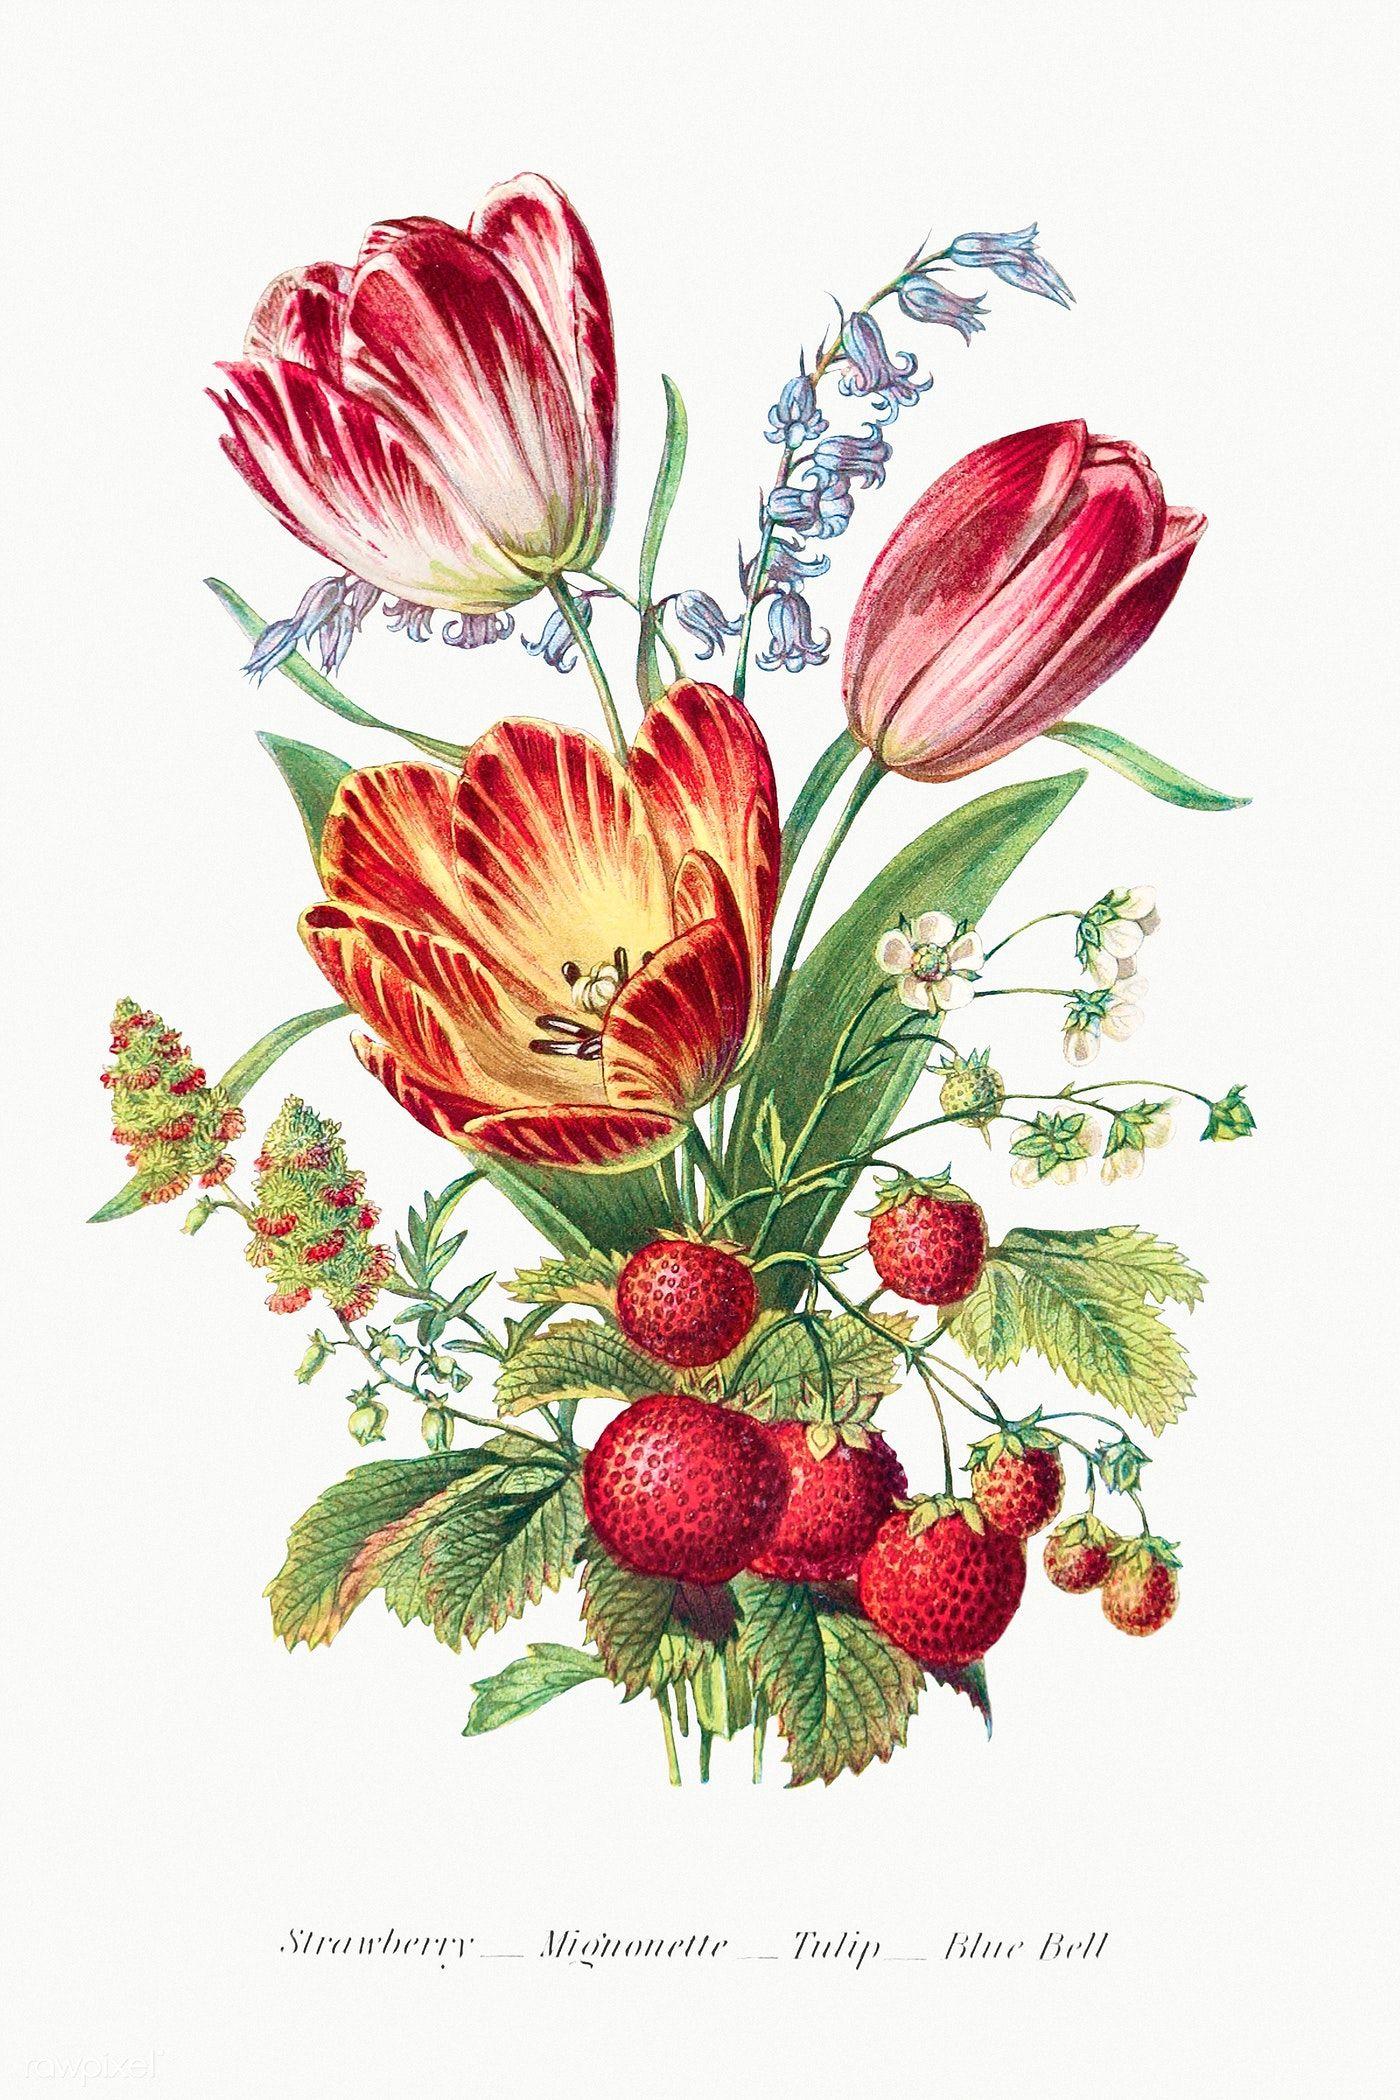 Download Premium Illustration Of Vintage Flower Bouquet Mockup 2098690 In 2020 Flower Illustration Flowers Bouquet Vintage Flowers